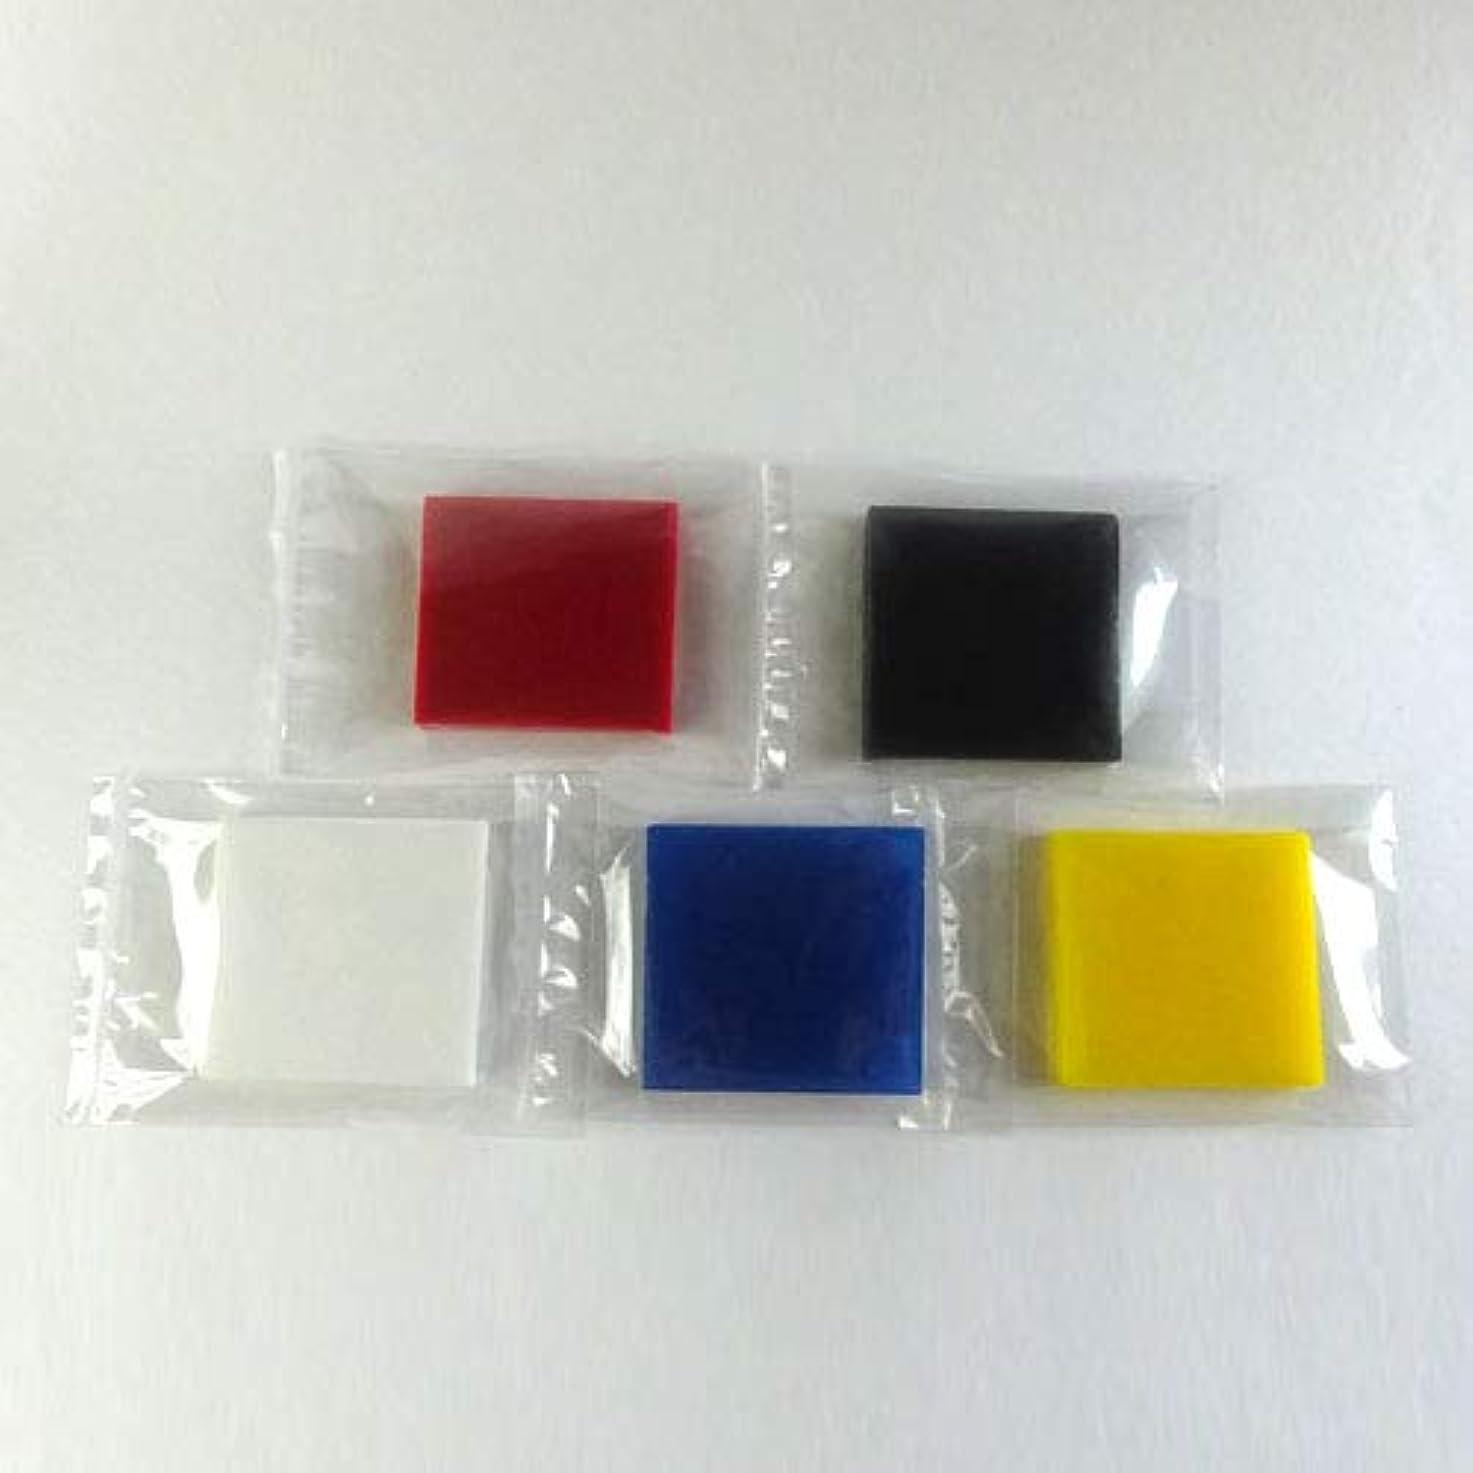 アーク代名詞裁判所グリセリンソープ MPソープ 色チップ 5色(赤?青?黄?白?黒) 各30g